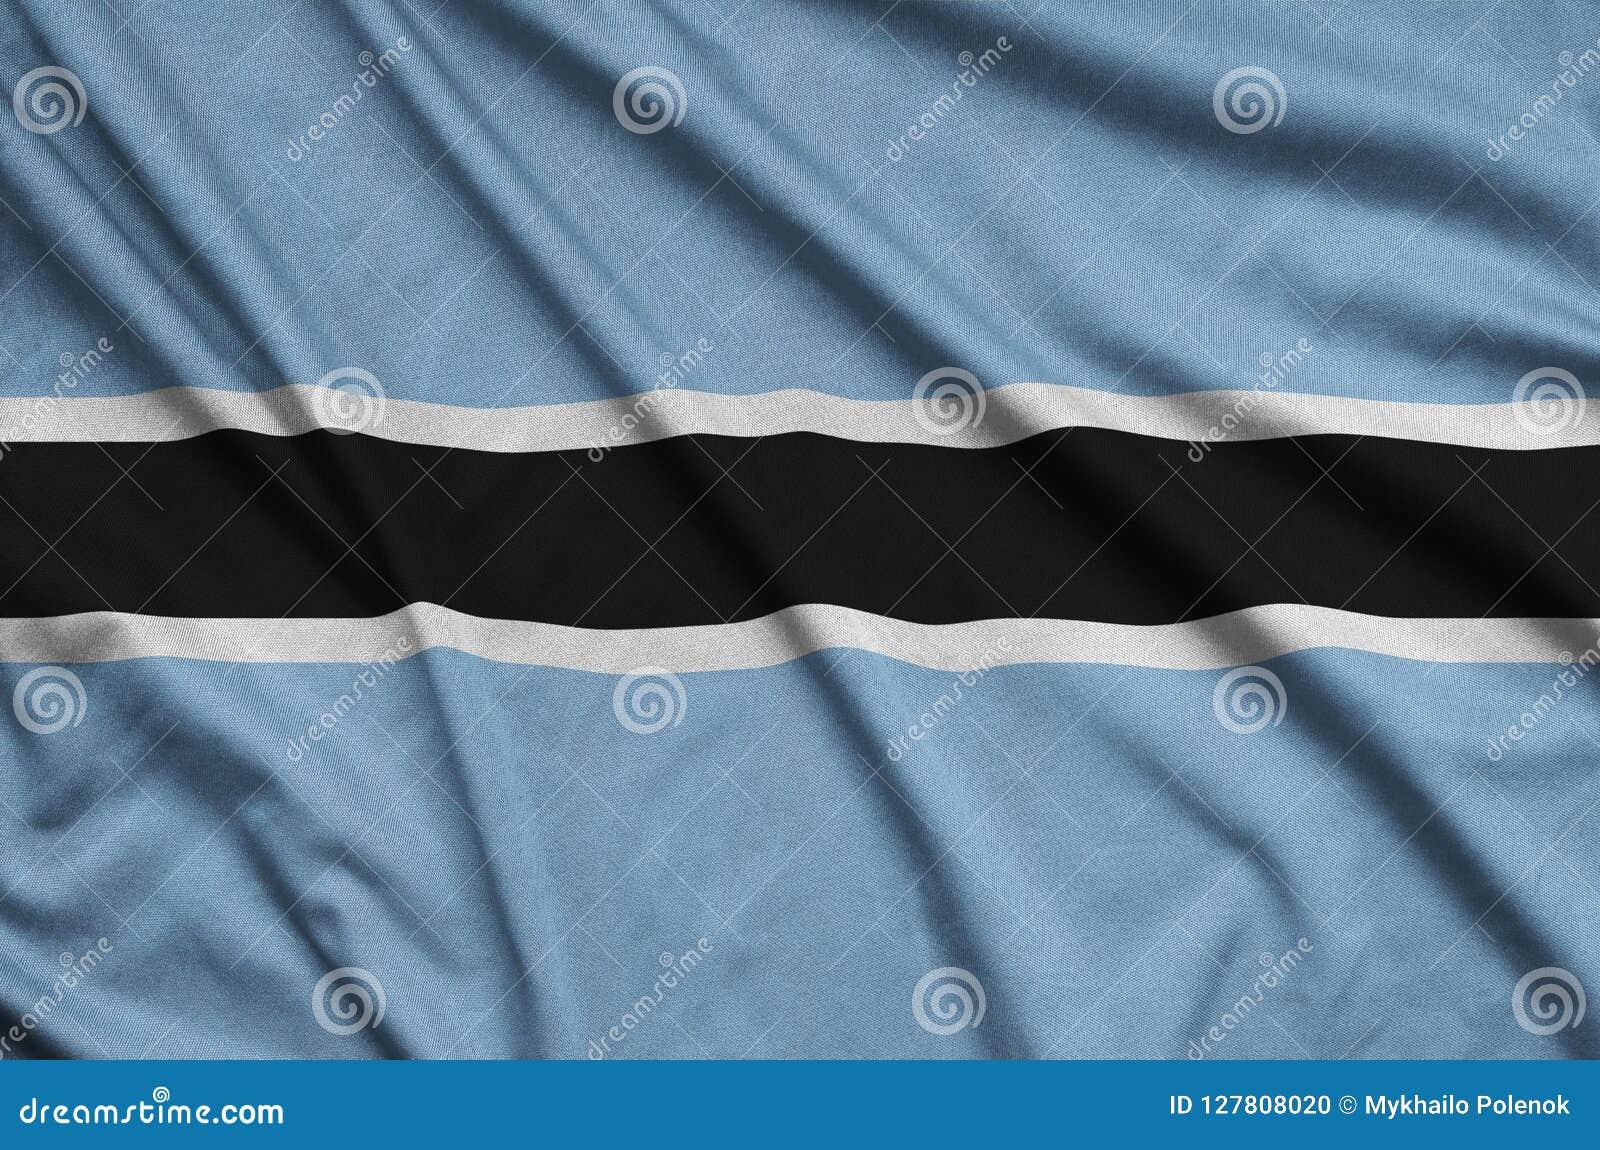 Η σημαία της Μποτσουάνα απεικονίζεται σε ένα ύφασμα αθλητικών υφασμάτων με πολλές πτυχές Έμβλημα αθλητικών ομάδων